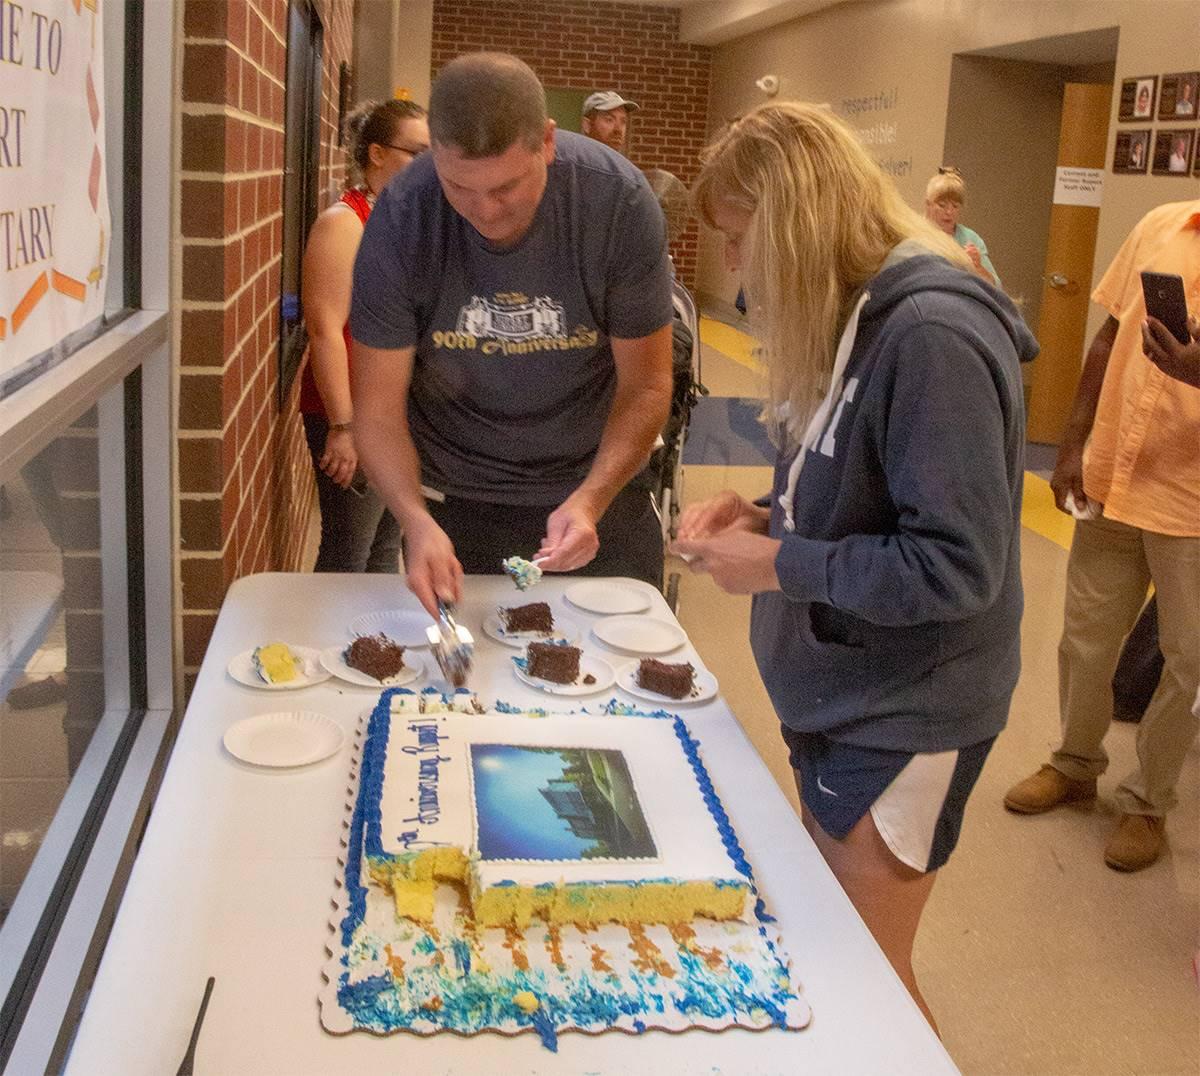 Matt Moyer and Krista cutting cake at rupert 90th